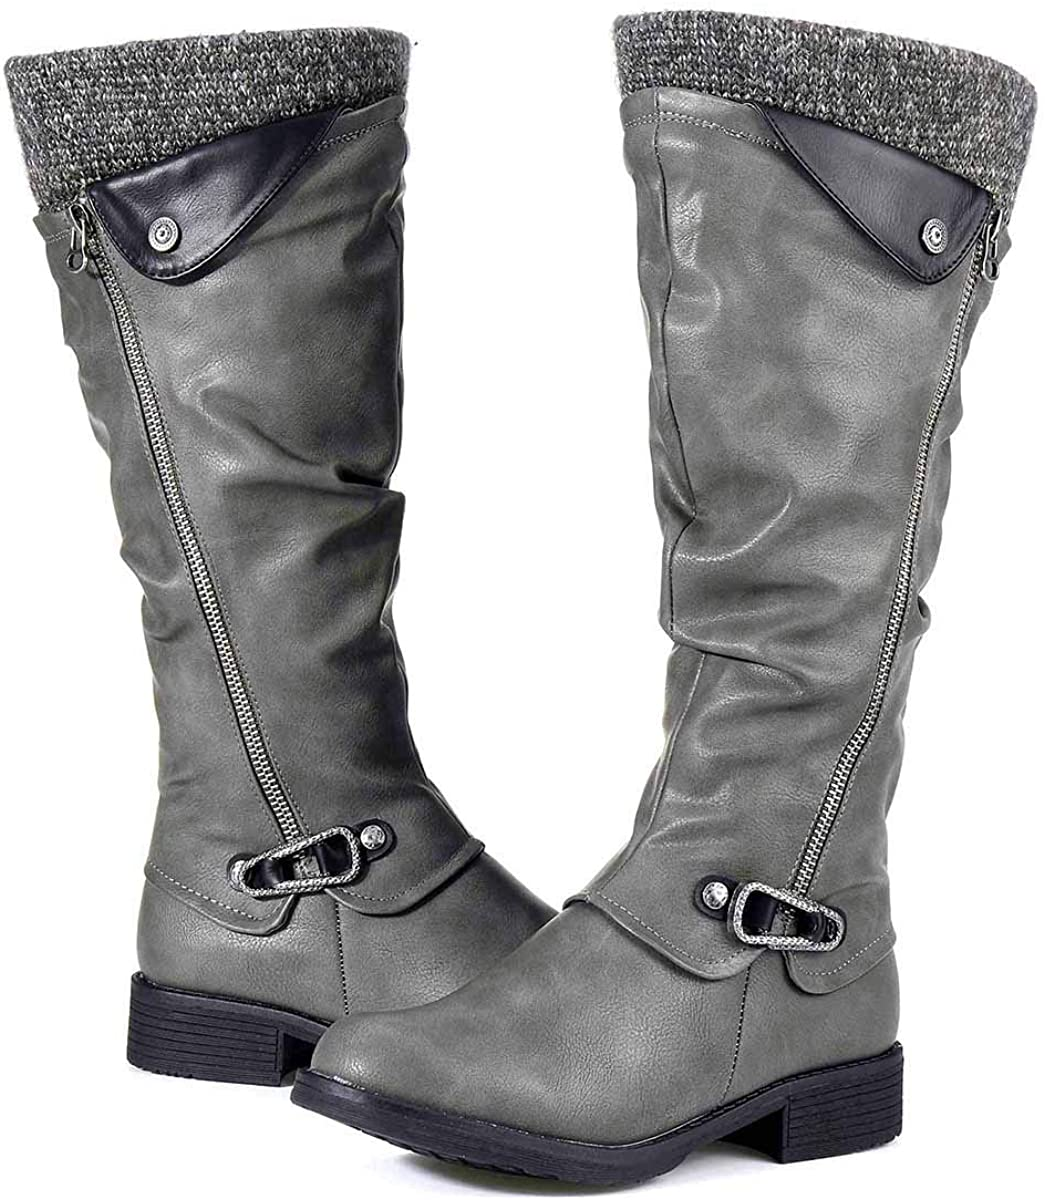 Botas Altas Invierno Mujer, Camfosy Botas de Nieve Caña Ancha Zapatos Mujer Cuña Planos Sintética Peluche Jinete Bajo Cómodos Peludas Calentitas 2020 Negro Gris Marrón: Amazon.es: Zapatos y complementos